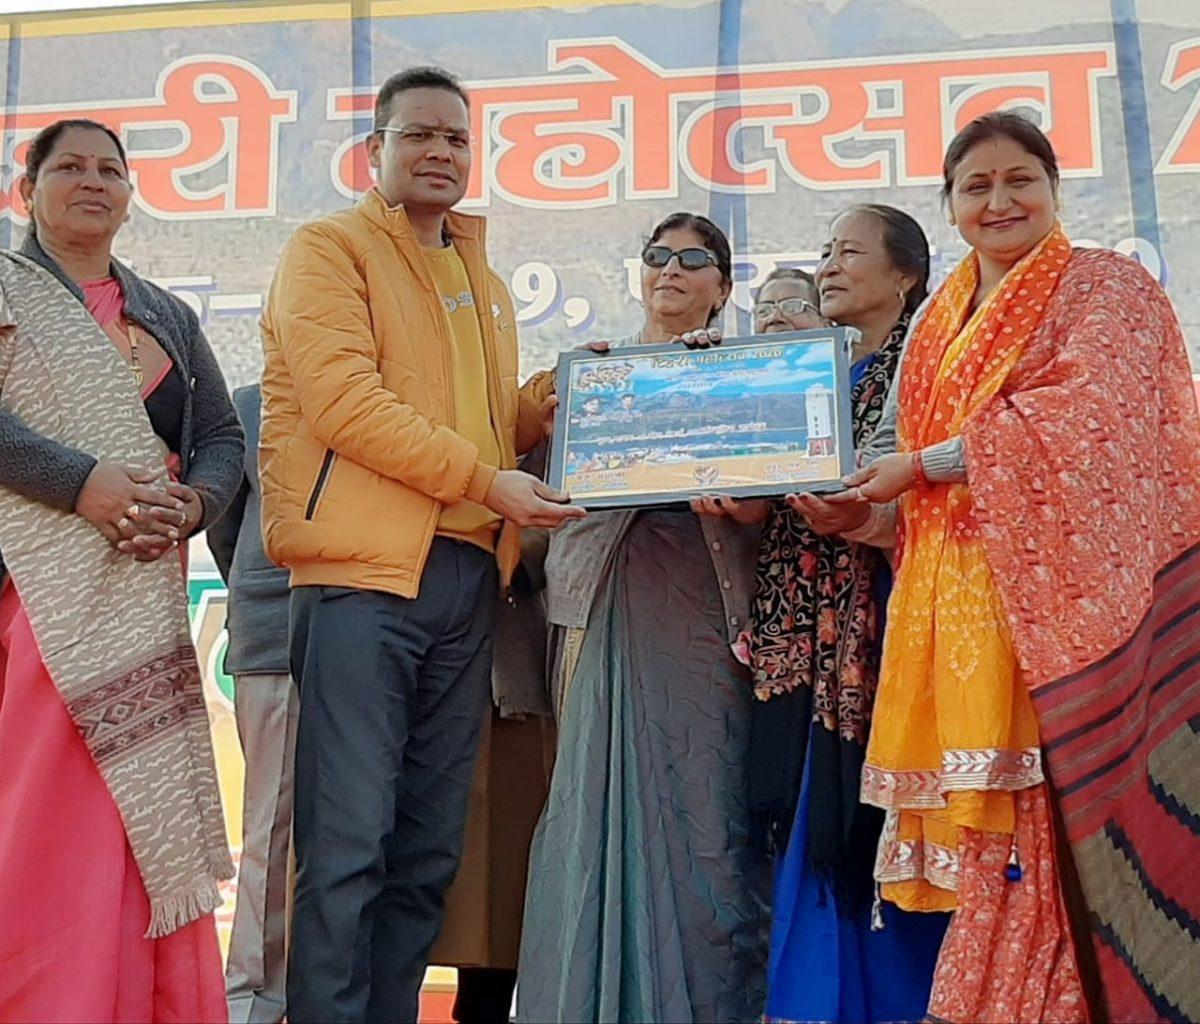 टिहरी महोत्सव में बोली भाषा व समाज सेवा के लिए ऋषिकेश के डॉ राजे नेगी समेत आठ हस्तियां सम्मानित